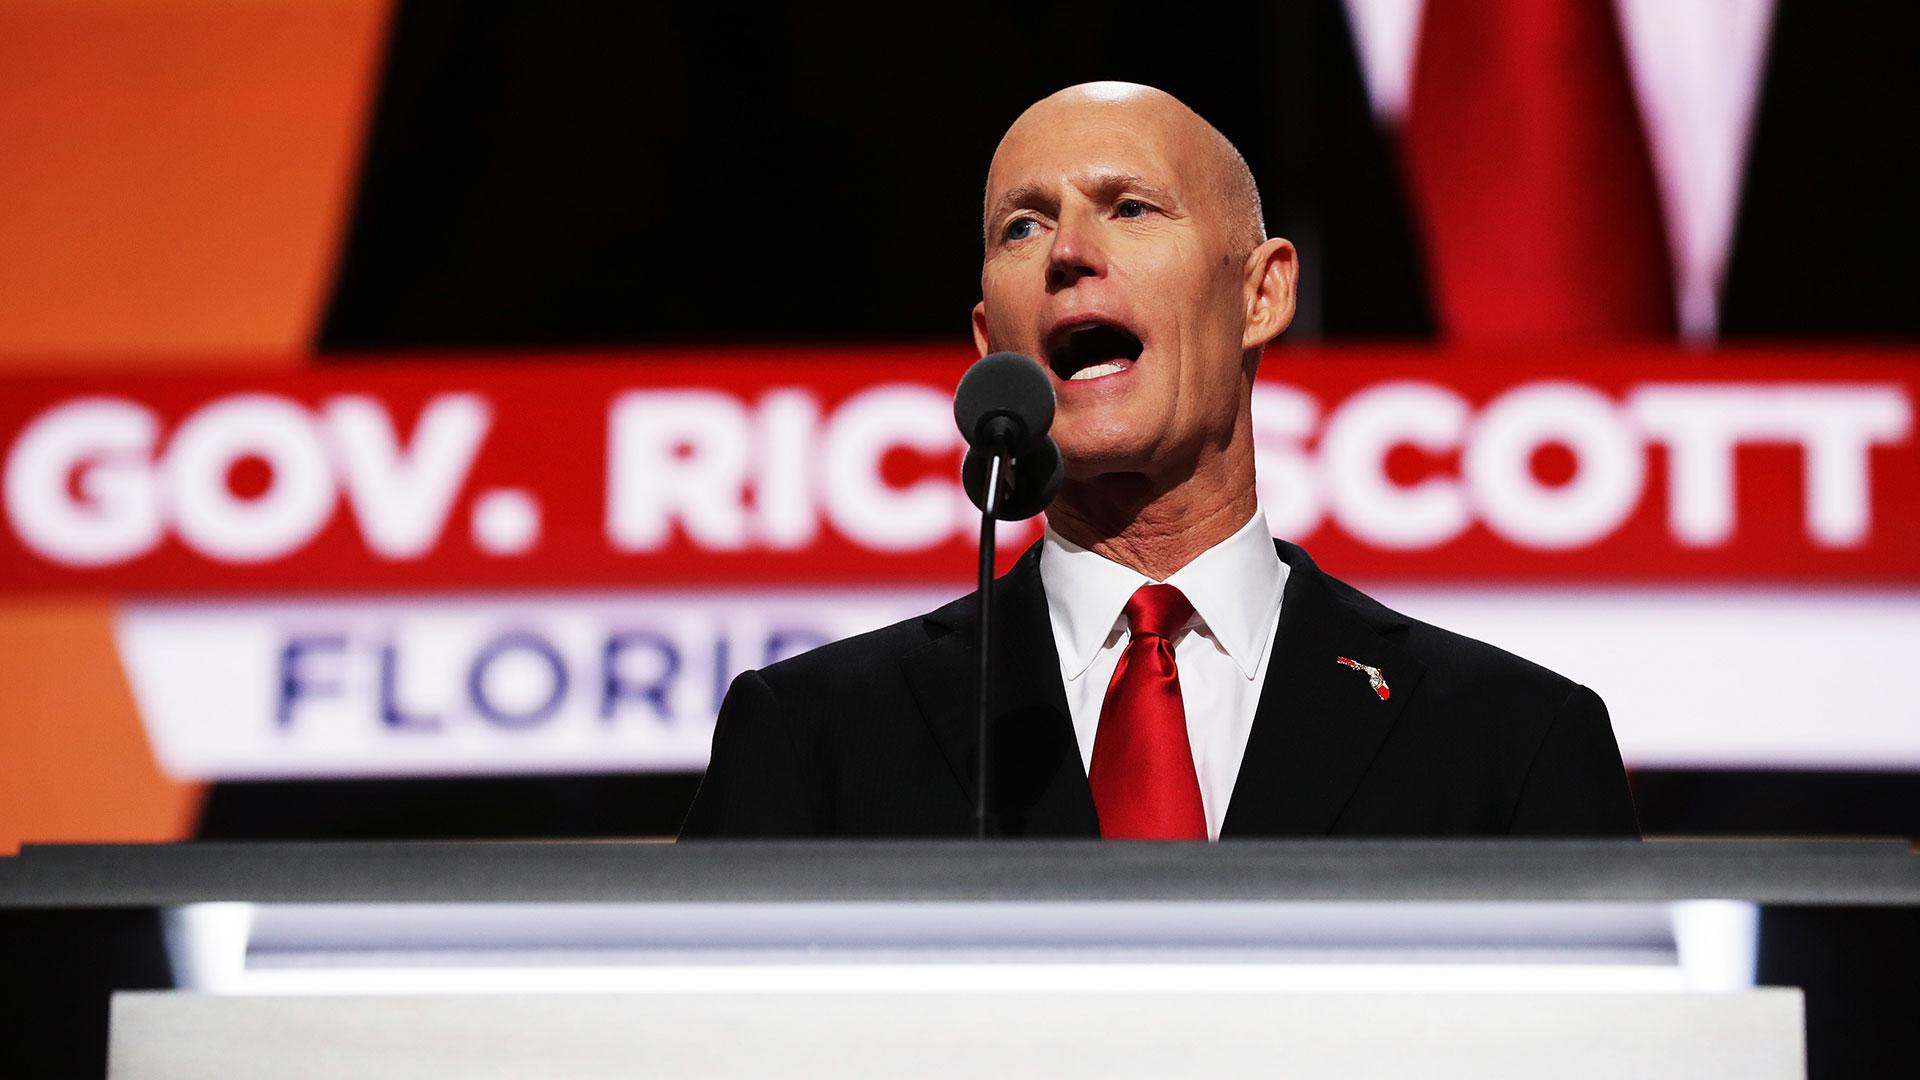 """Rick Scott ratificó su apoyo a medidas que sirvan para """"acabar"""" con el """"régimen"""" deMaduro en una reunión con miembros de la comunidad venezolana celebrada en Miami Lakes, Florida (Getty)"""